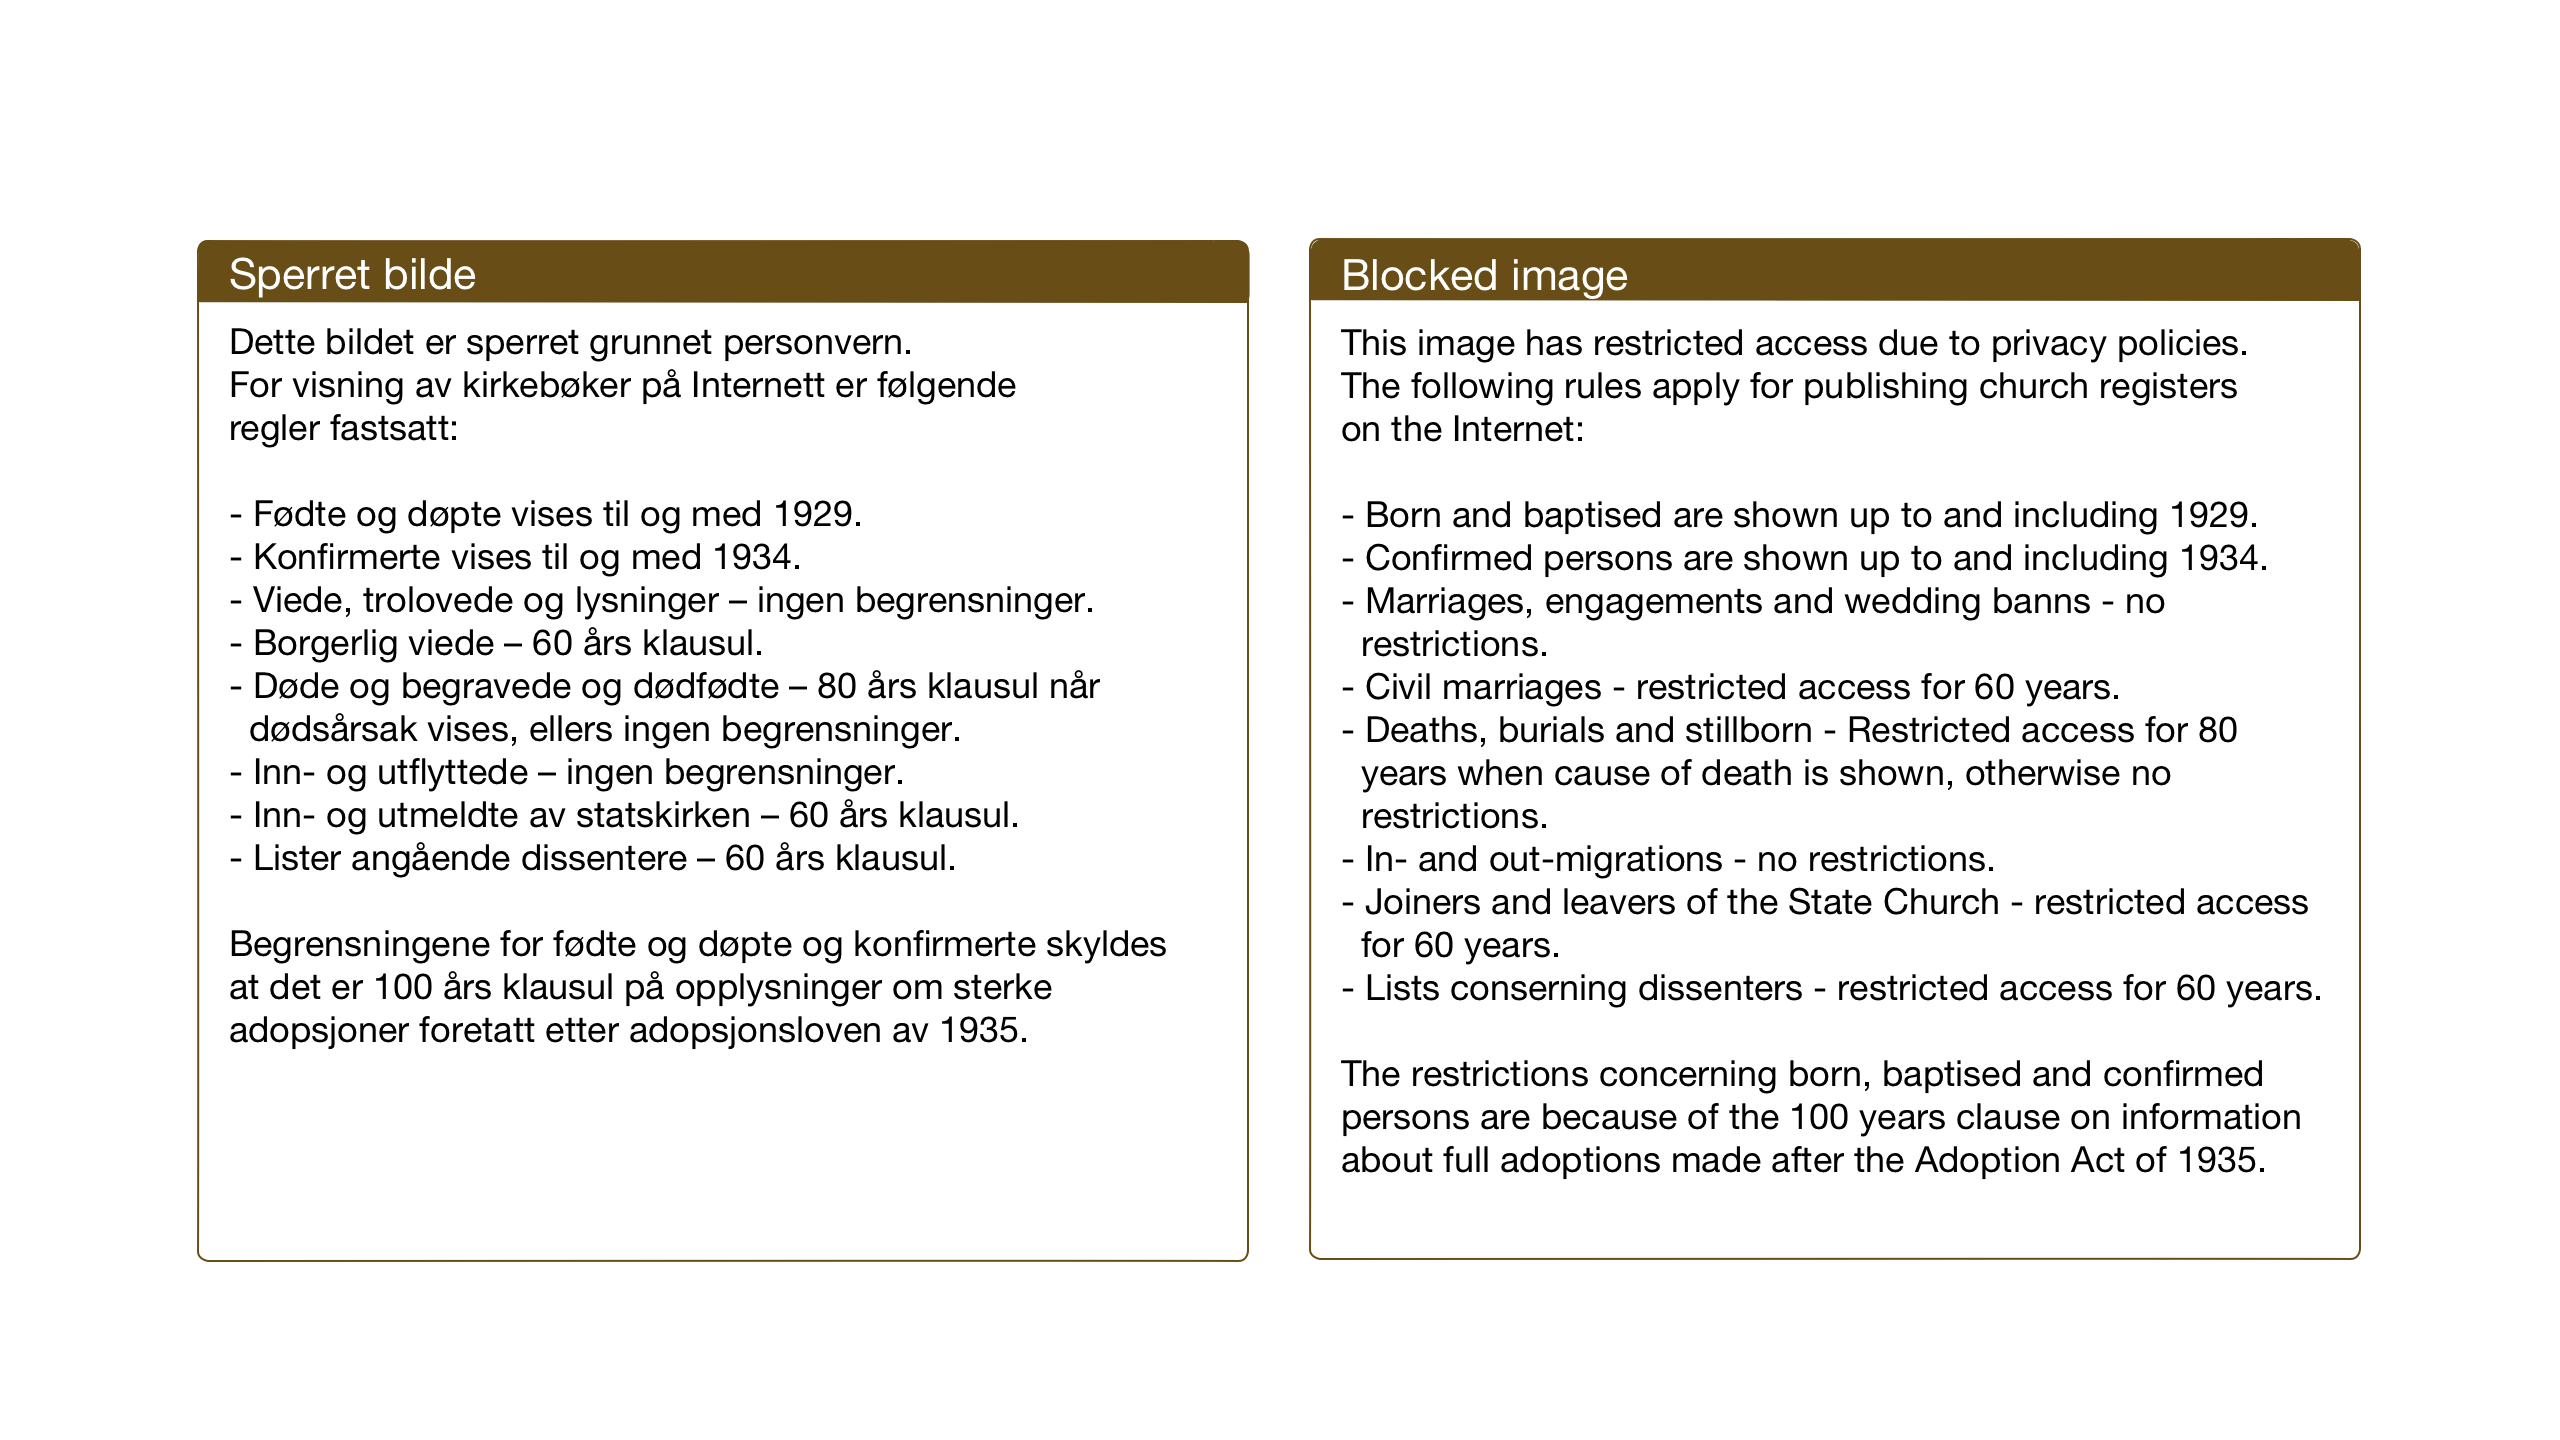 SAT, Ministerialprotokoller, klokkerbøker og fødselsregistre - Sør-Trøndelag, 640/L0590: Klokkerbok nr. 640C07, 1935-1948, s. 95